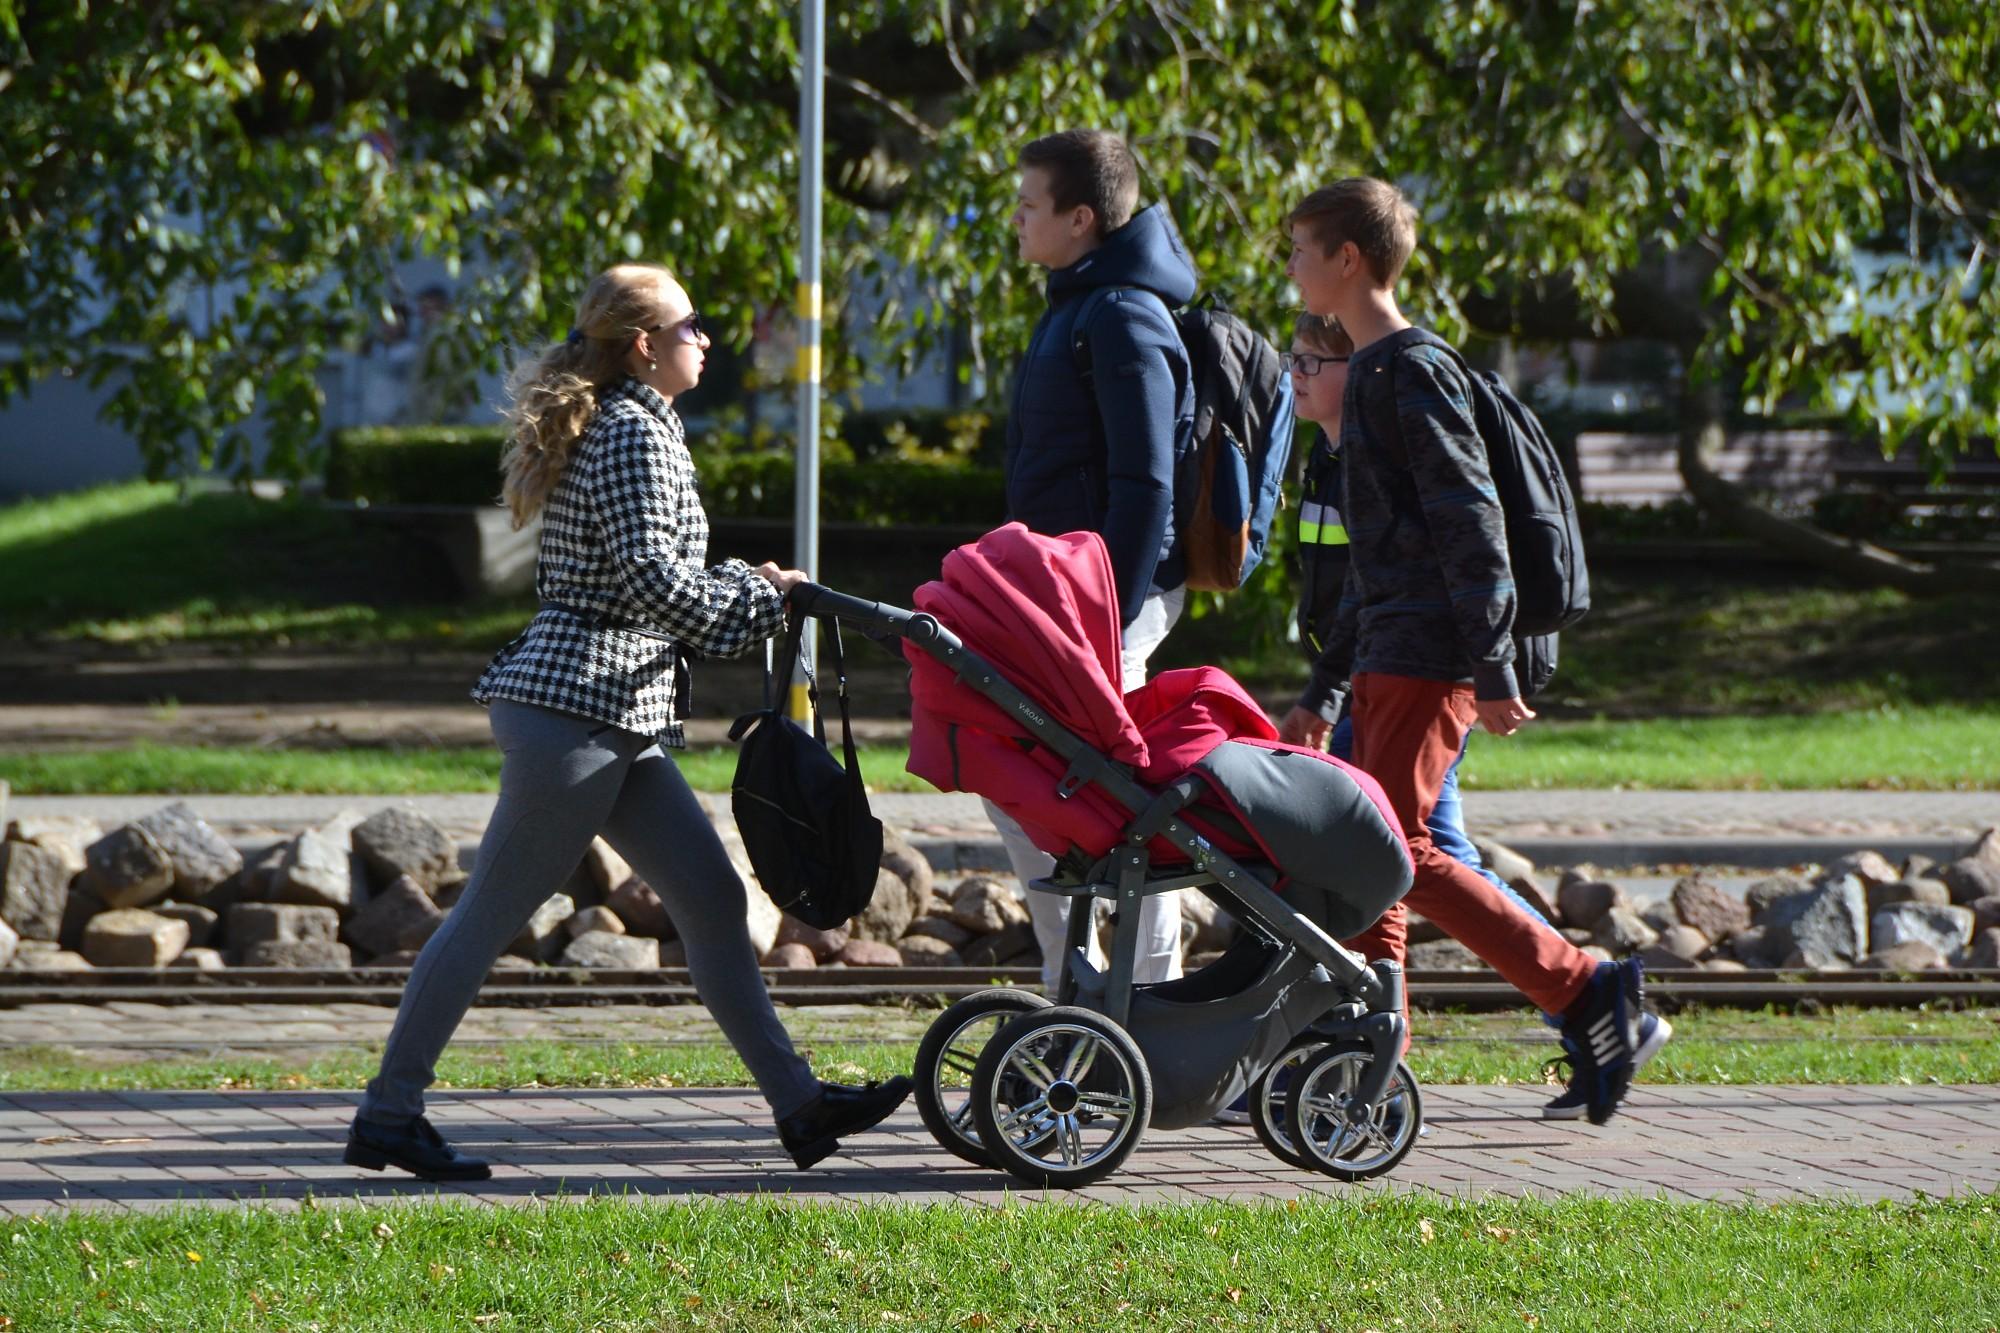 No nākamā gada nepilsoņa statusu jaundzimušiem bērniem vairs nepiešķirs